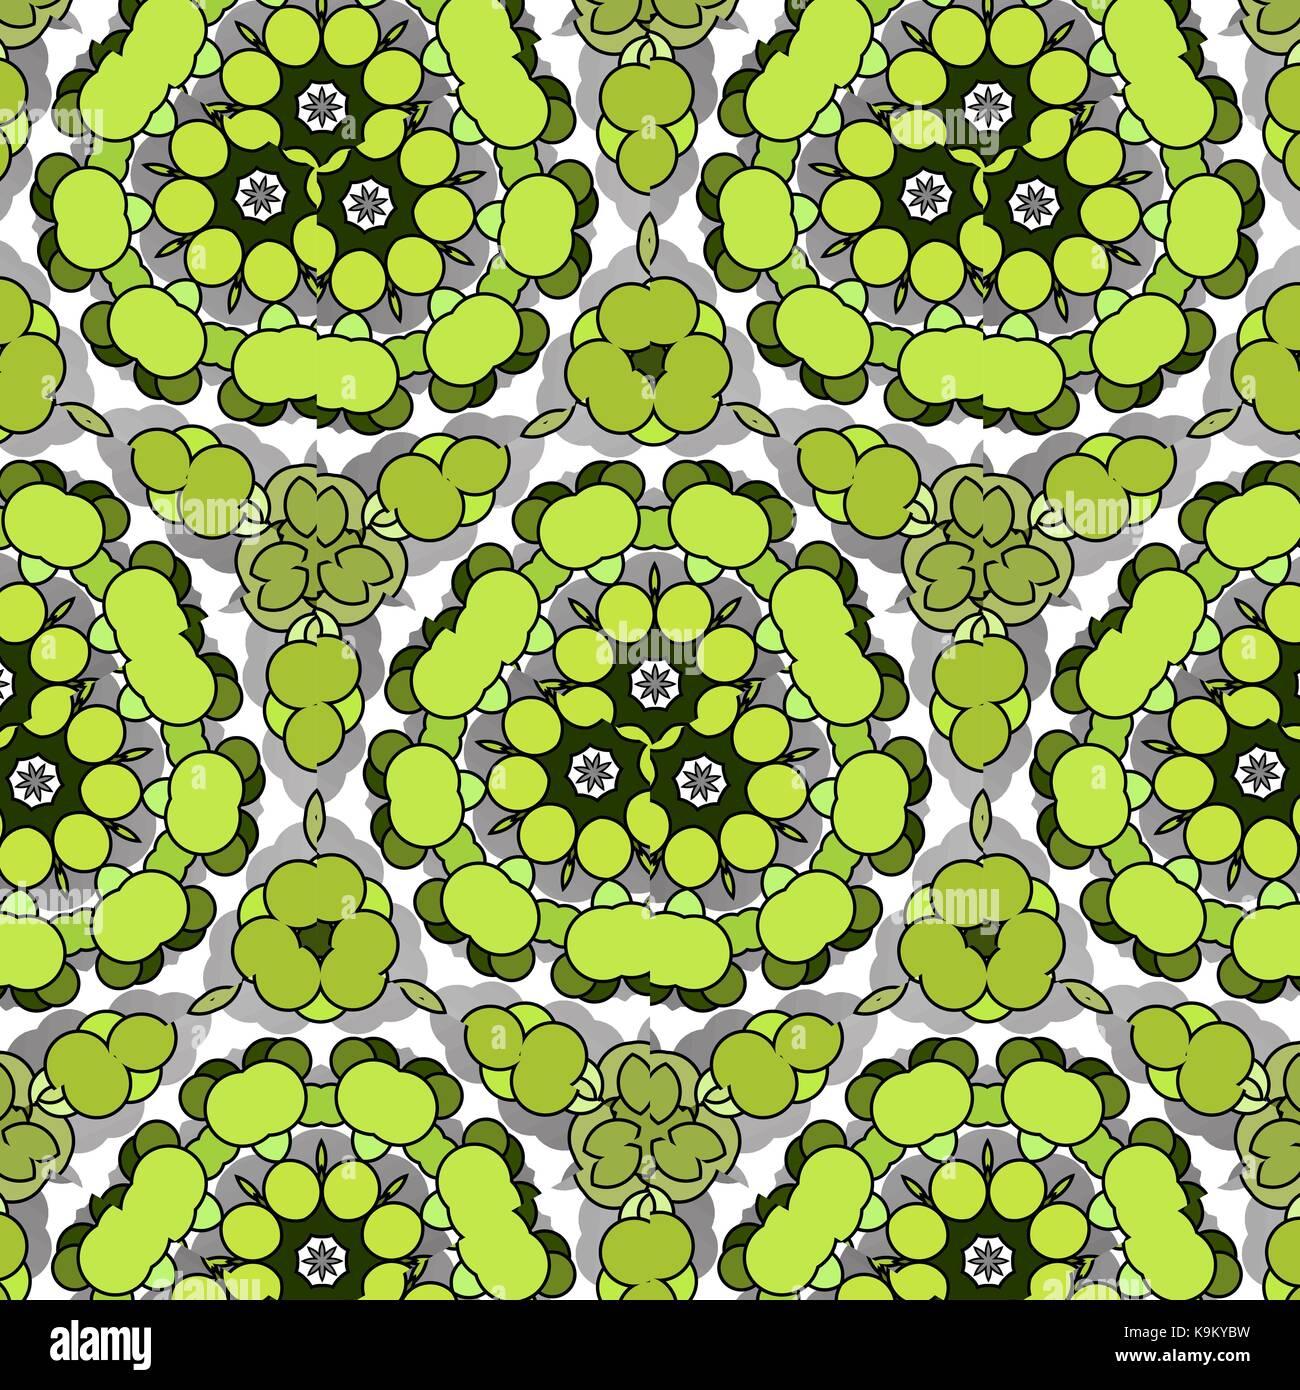 Funny drôle, amusant avec des cercles lumineux naturel. fond vert. Photo Stock